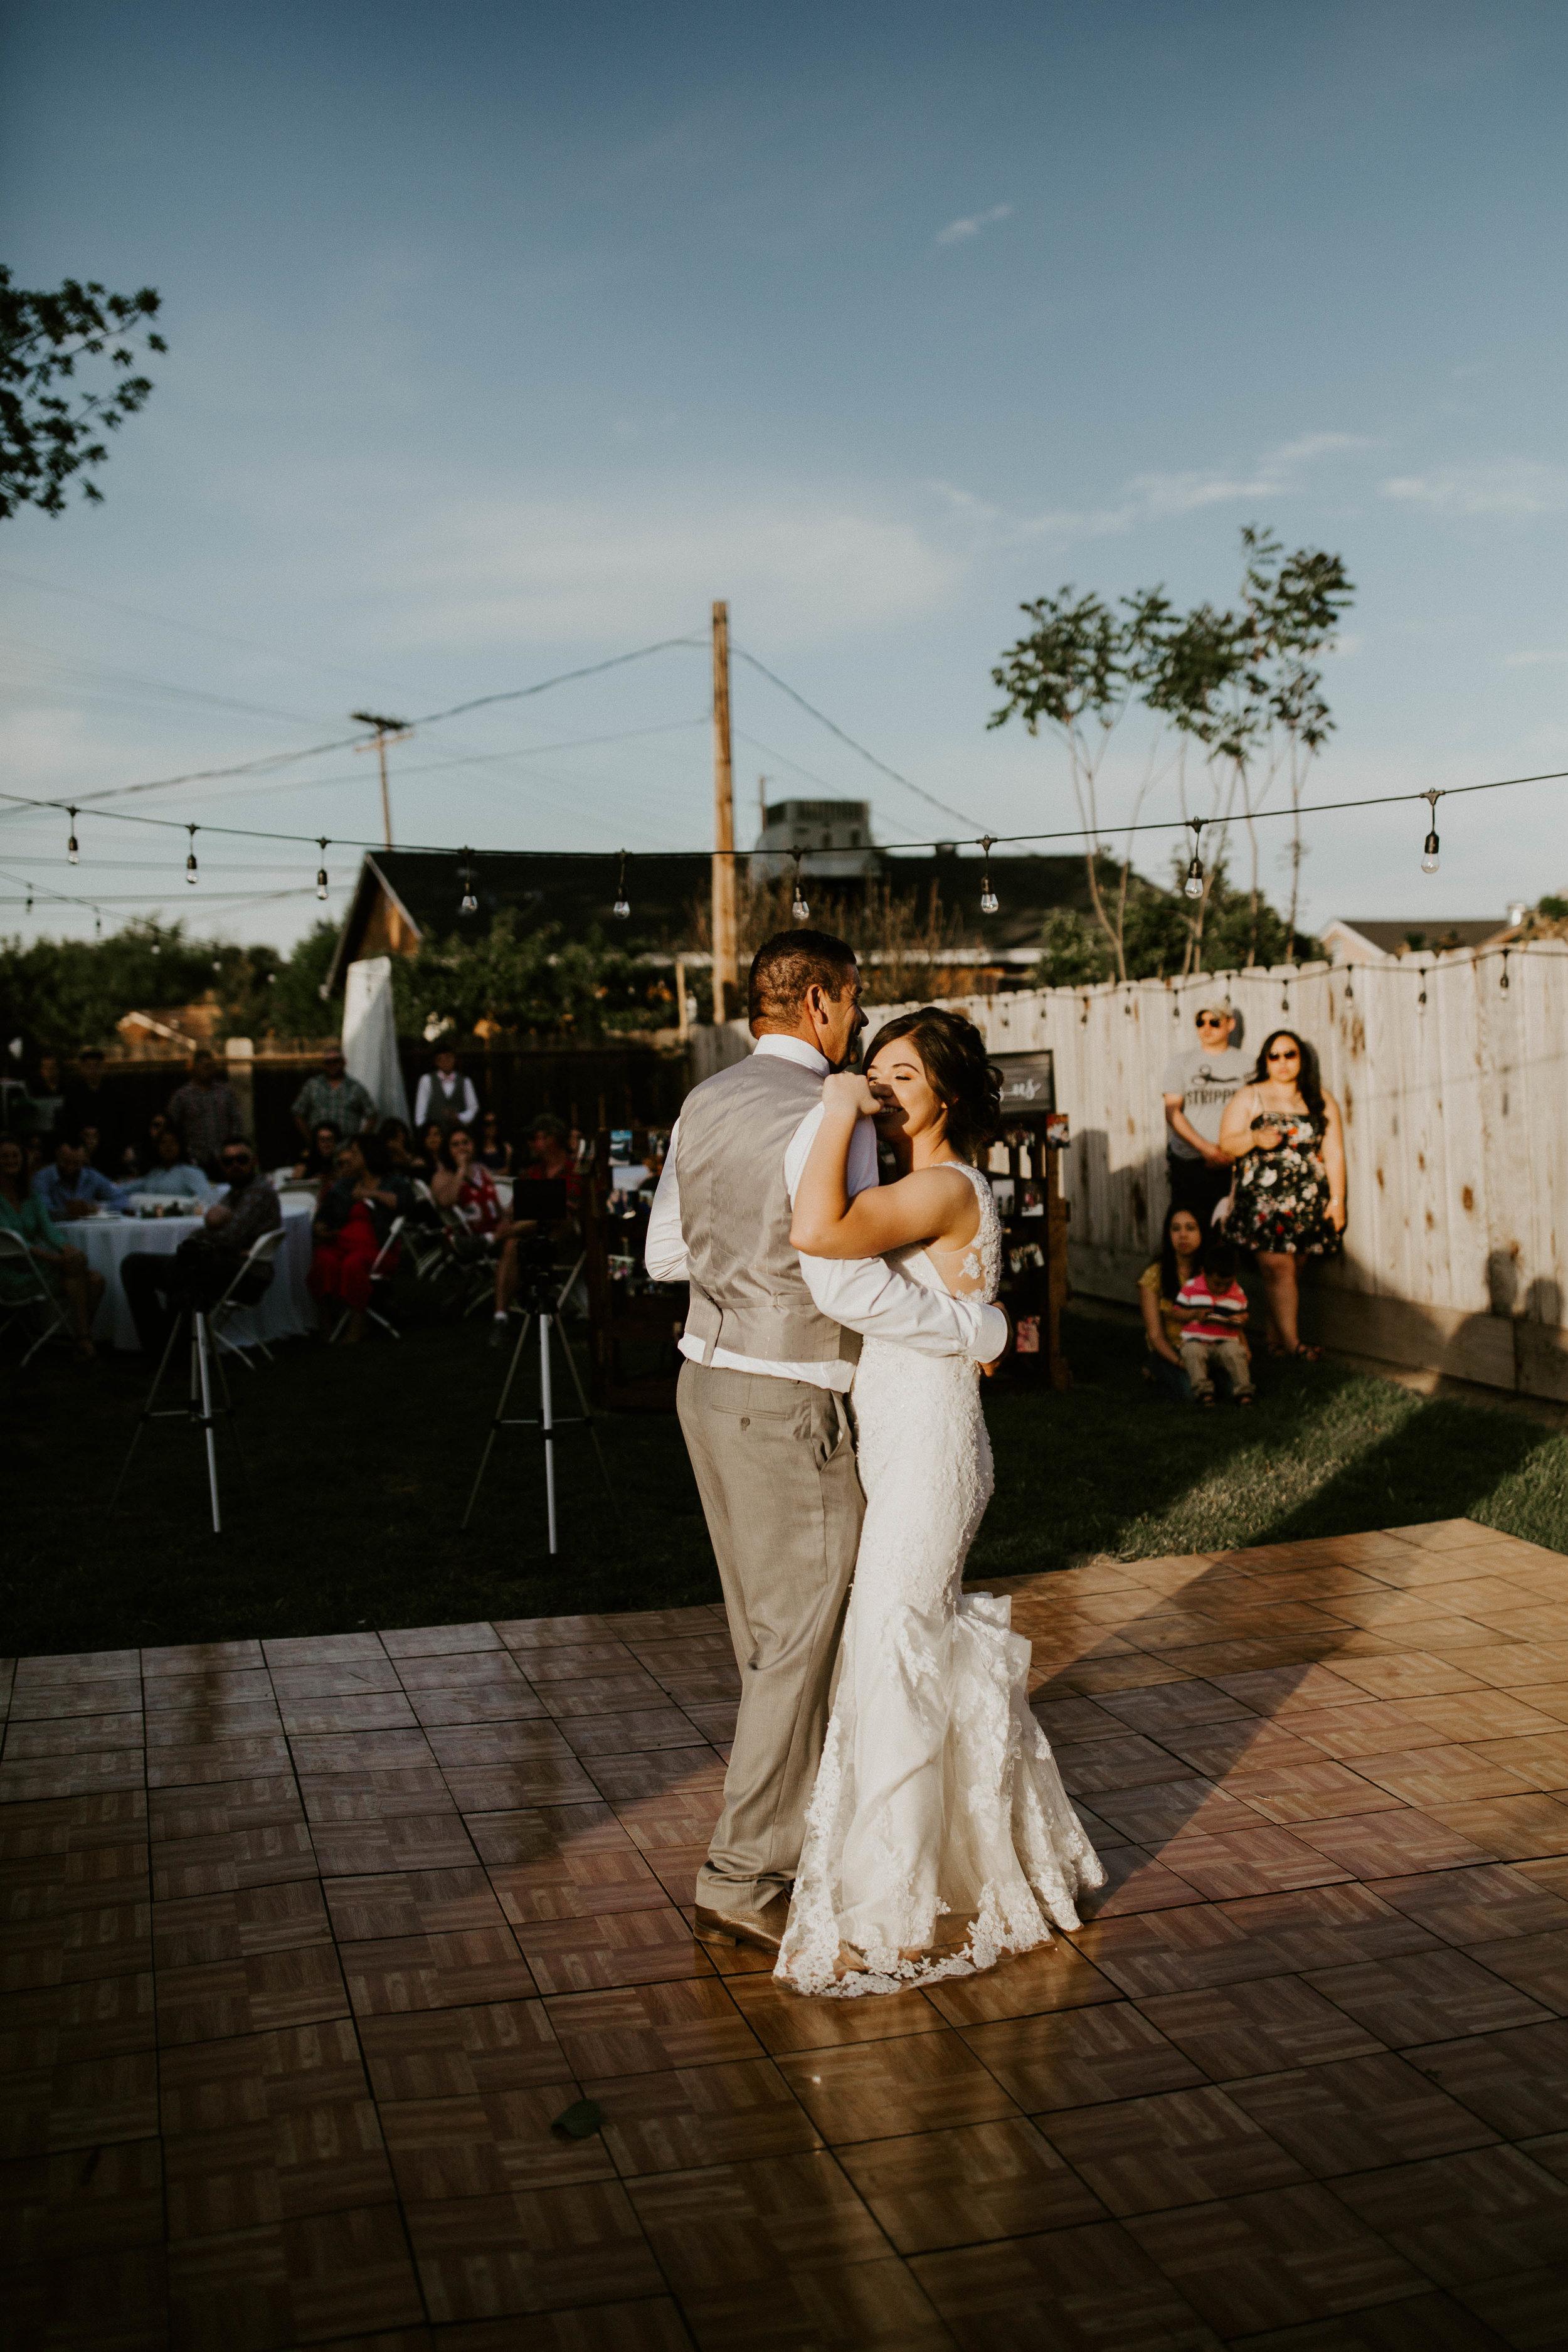 Kelsee&Yudith'sbackyardintimatewedding(419of646).jpg